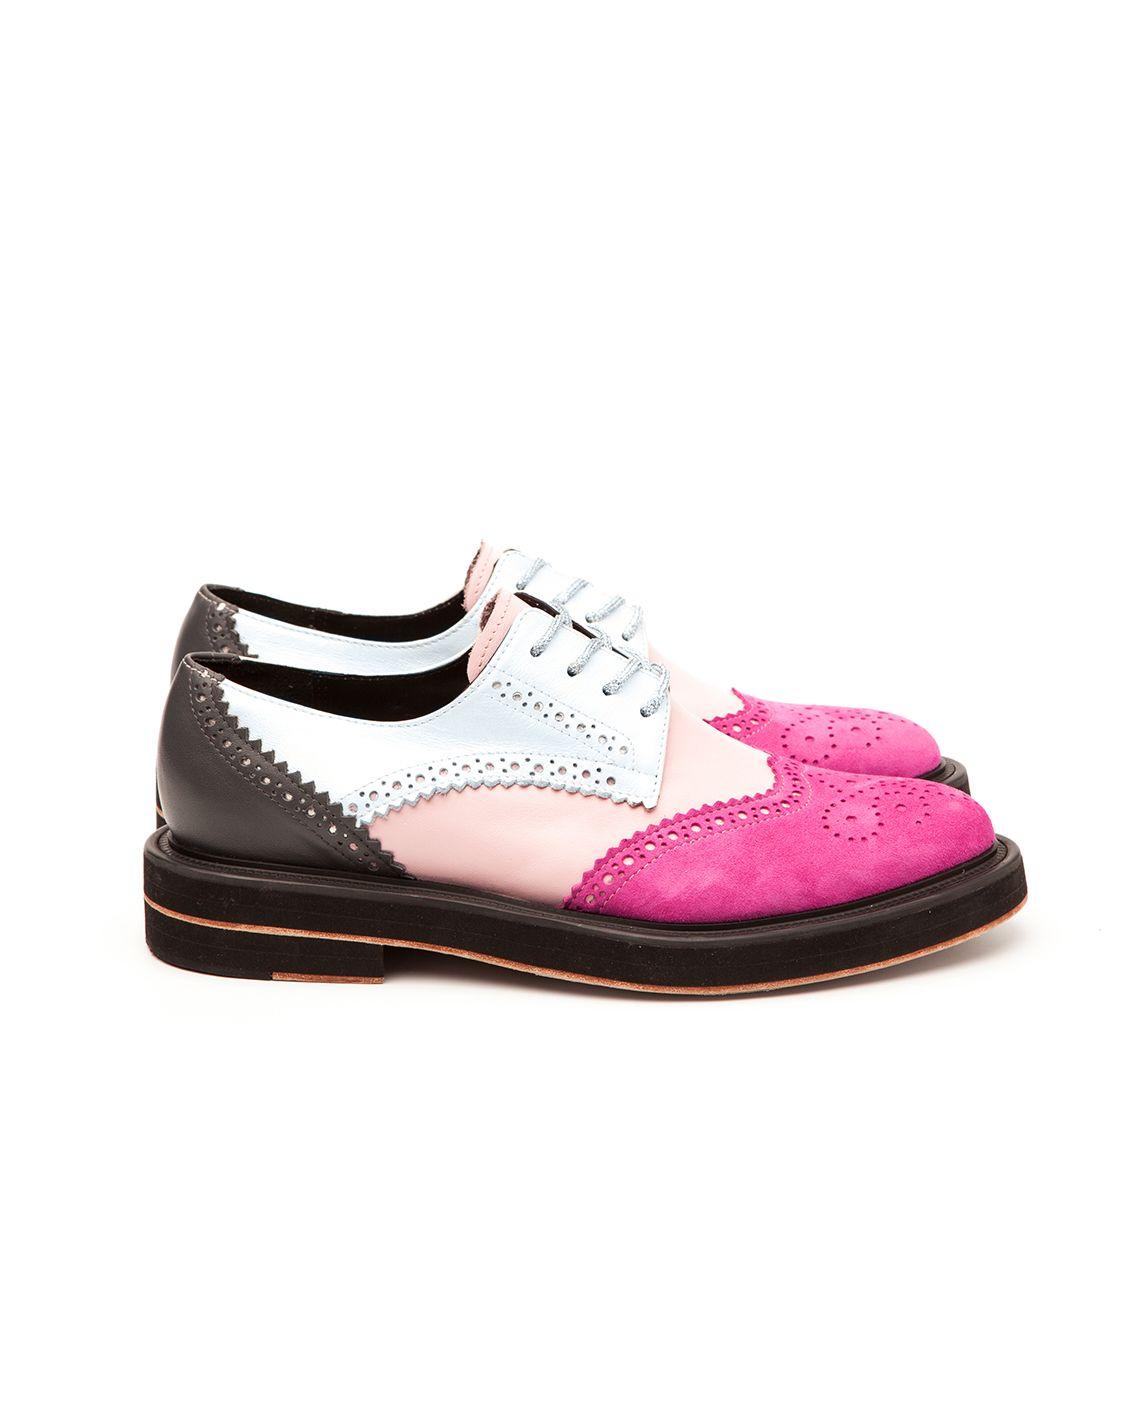 Magenta & Blush Pink Derby Brogues – INCH2